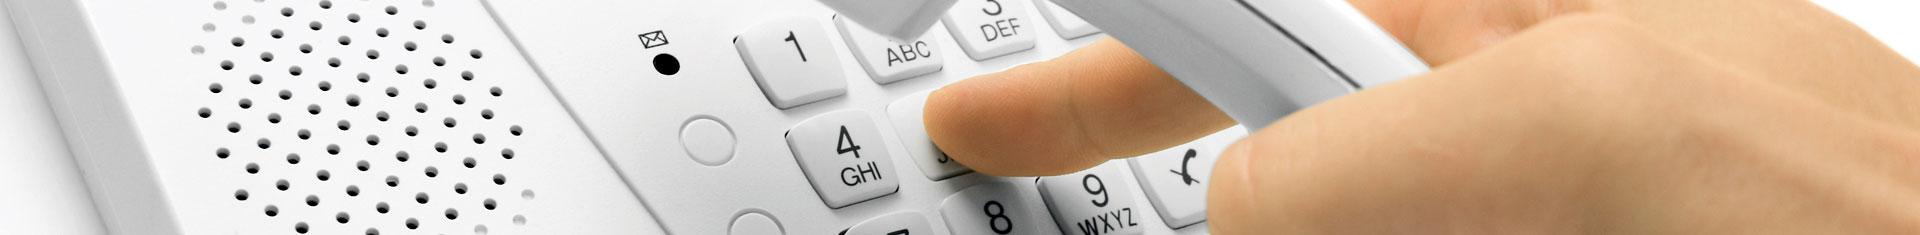 Festnetz-Tarife Top Business von A1